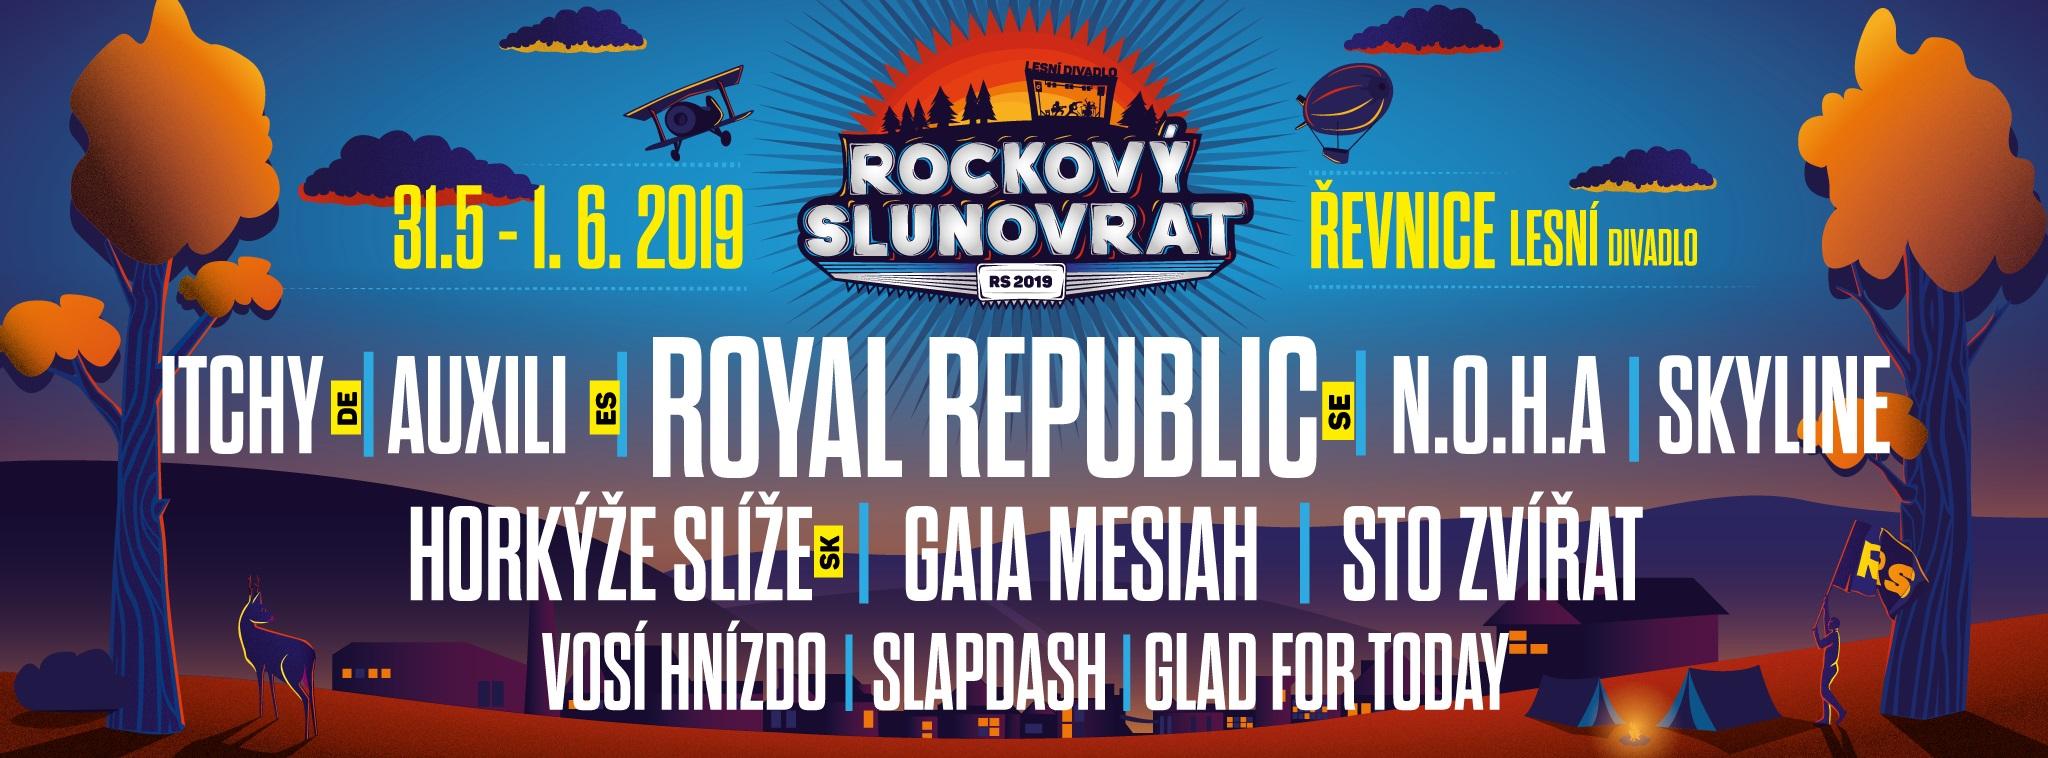 Festival Rockový Slunovrat 2018